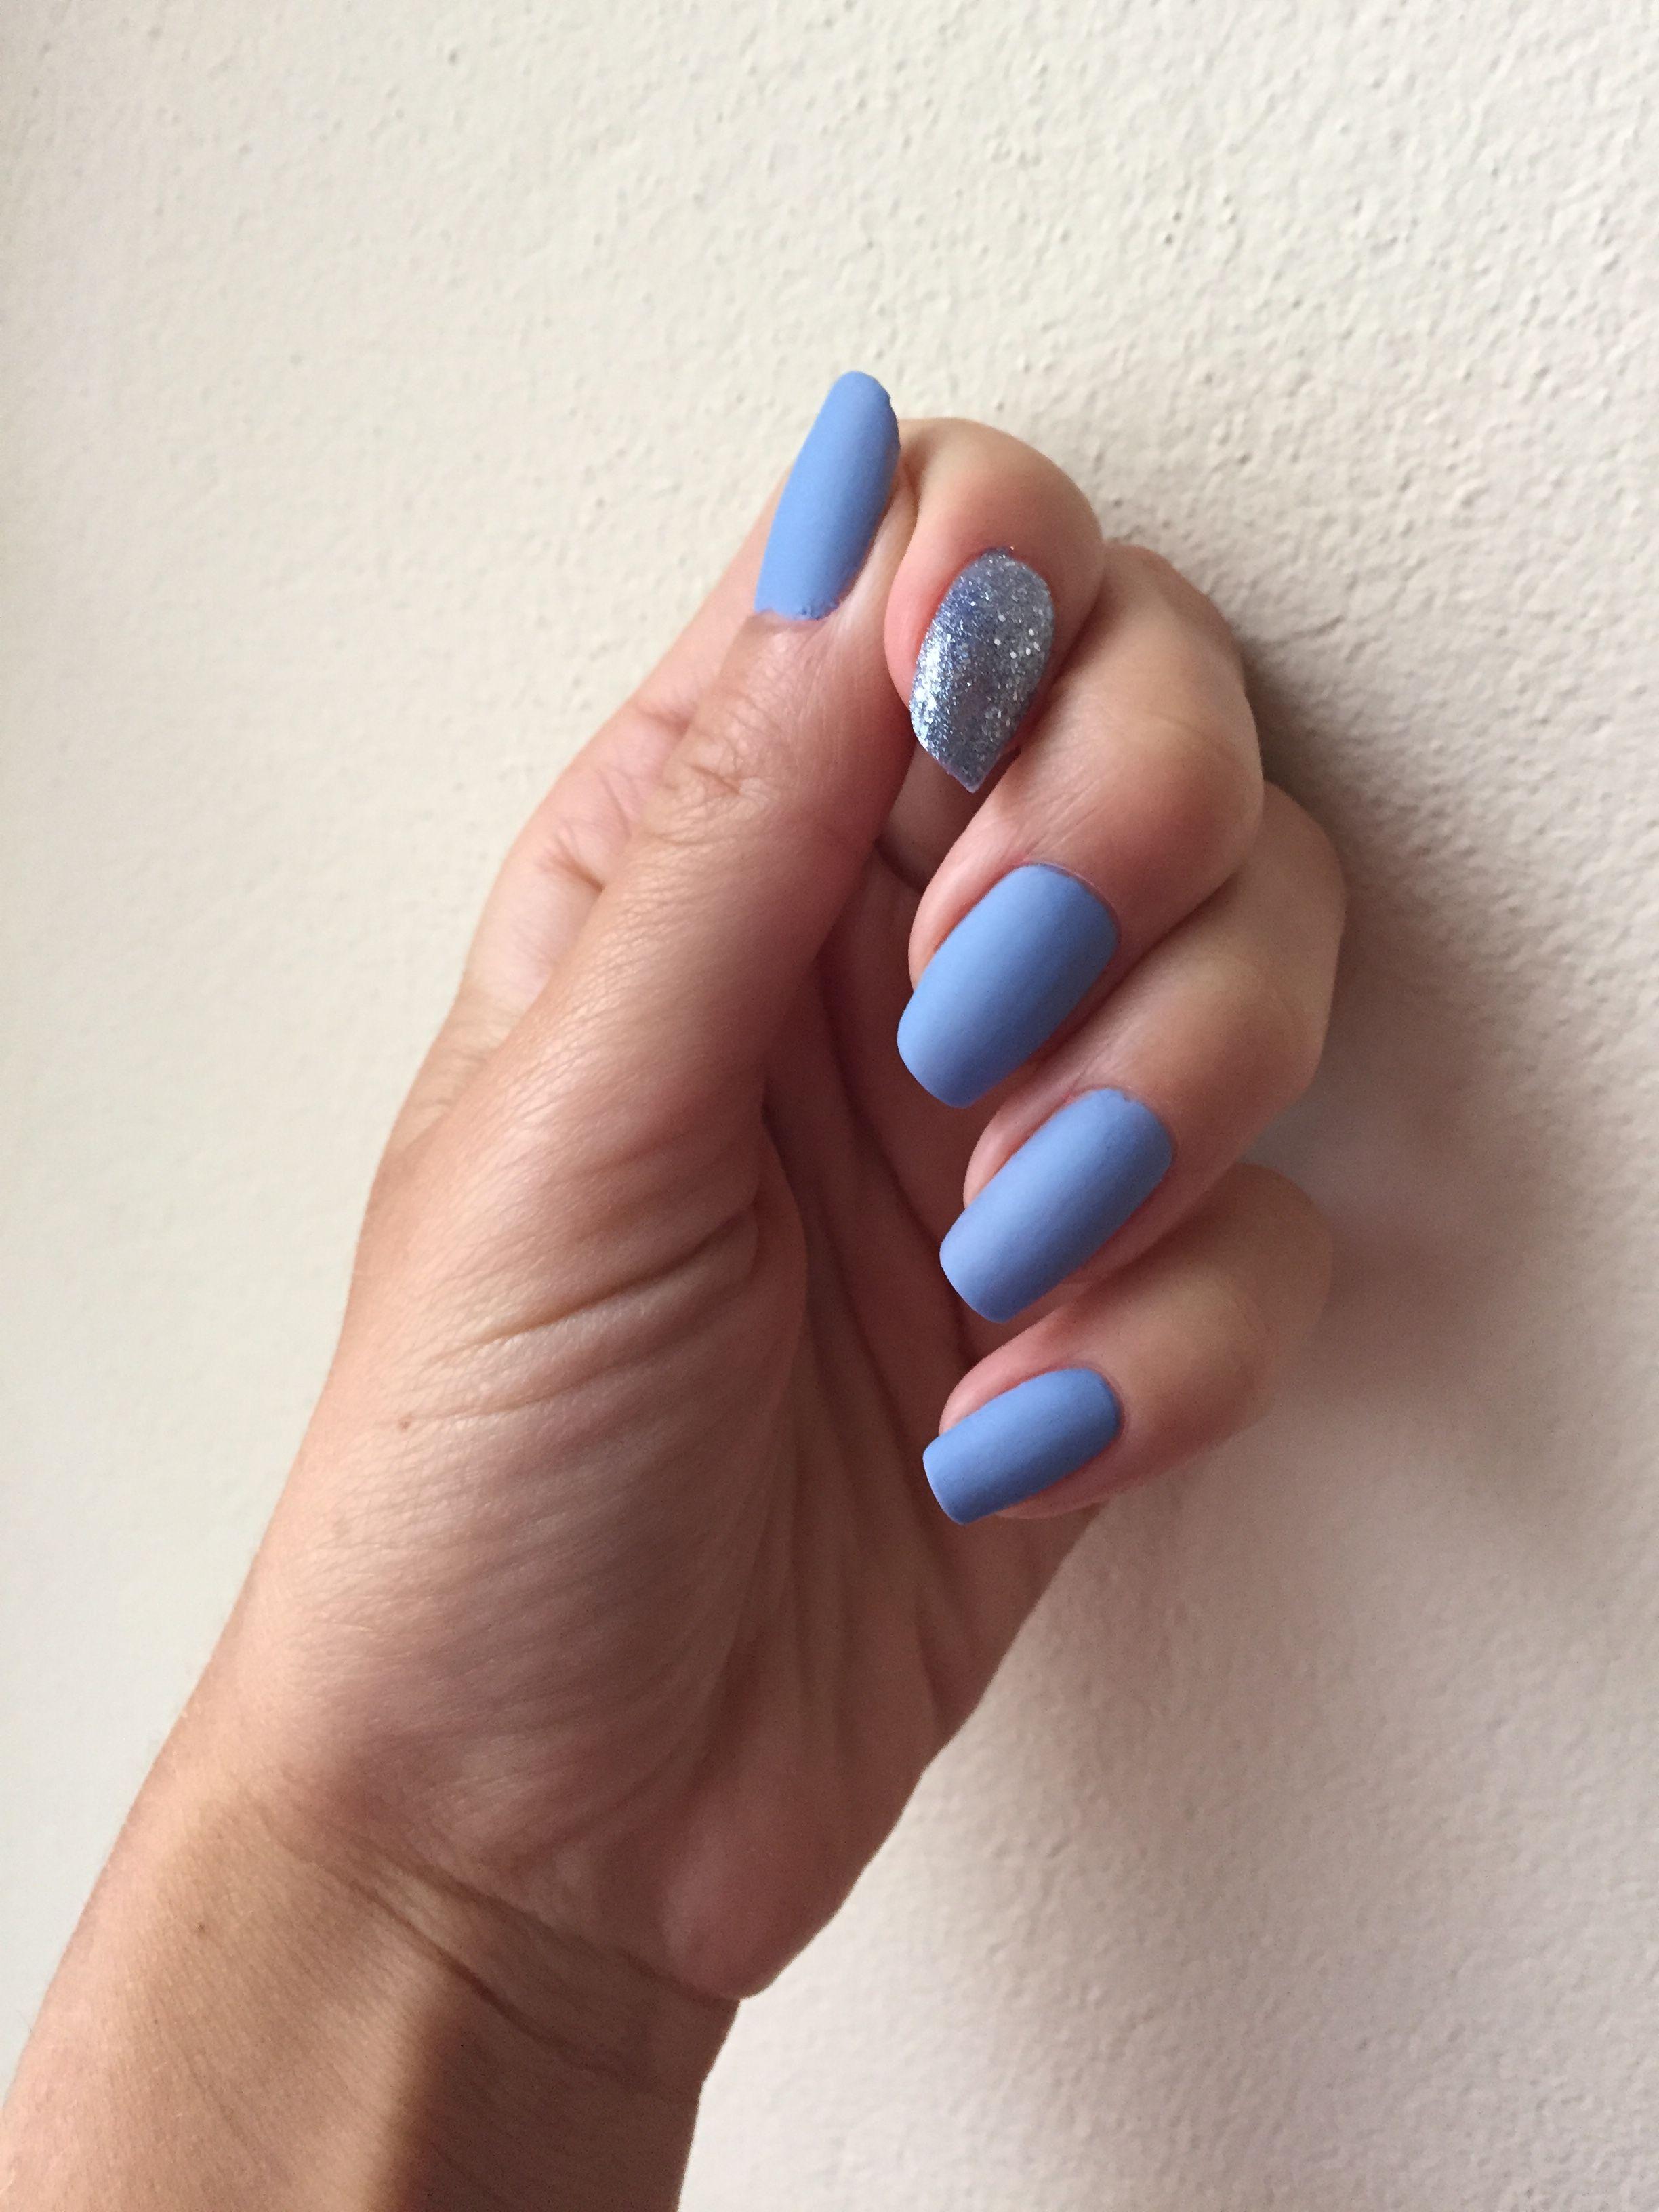 Yves Rocher 55 Bleu Aquarelle Gabriella Salvete 08 Azzurro Matte Nail Polish From Sephora Nails Matte Nail Polish Nail Polish